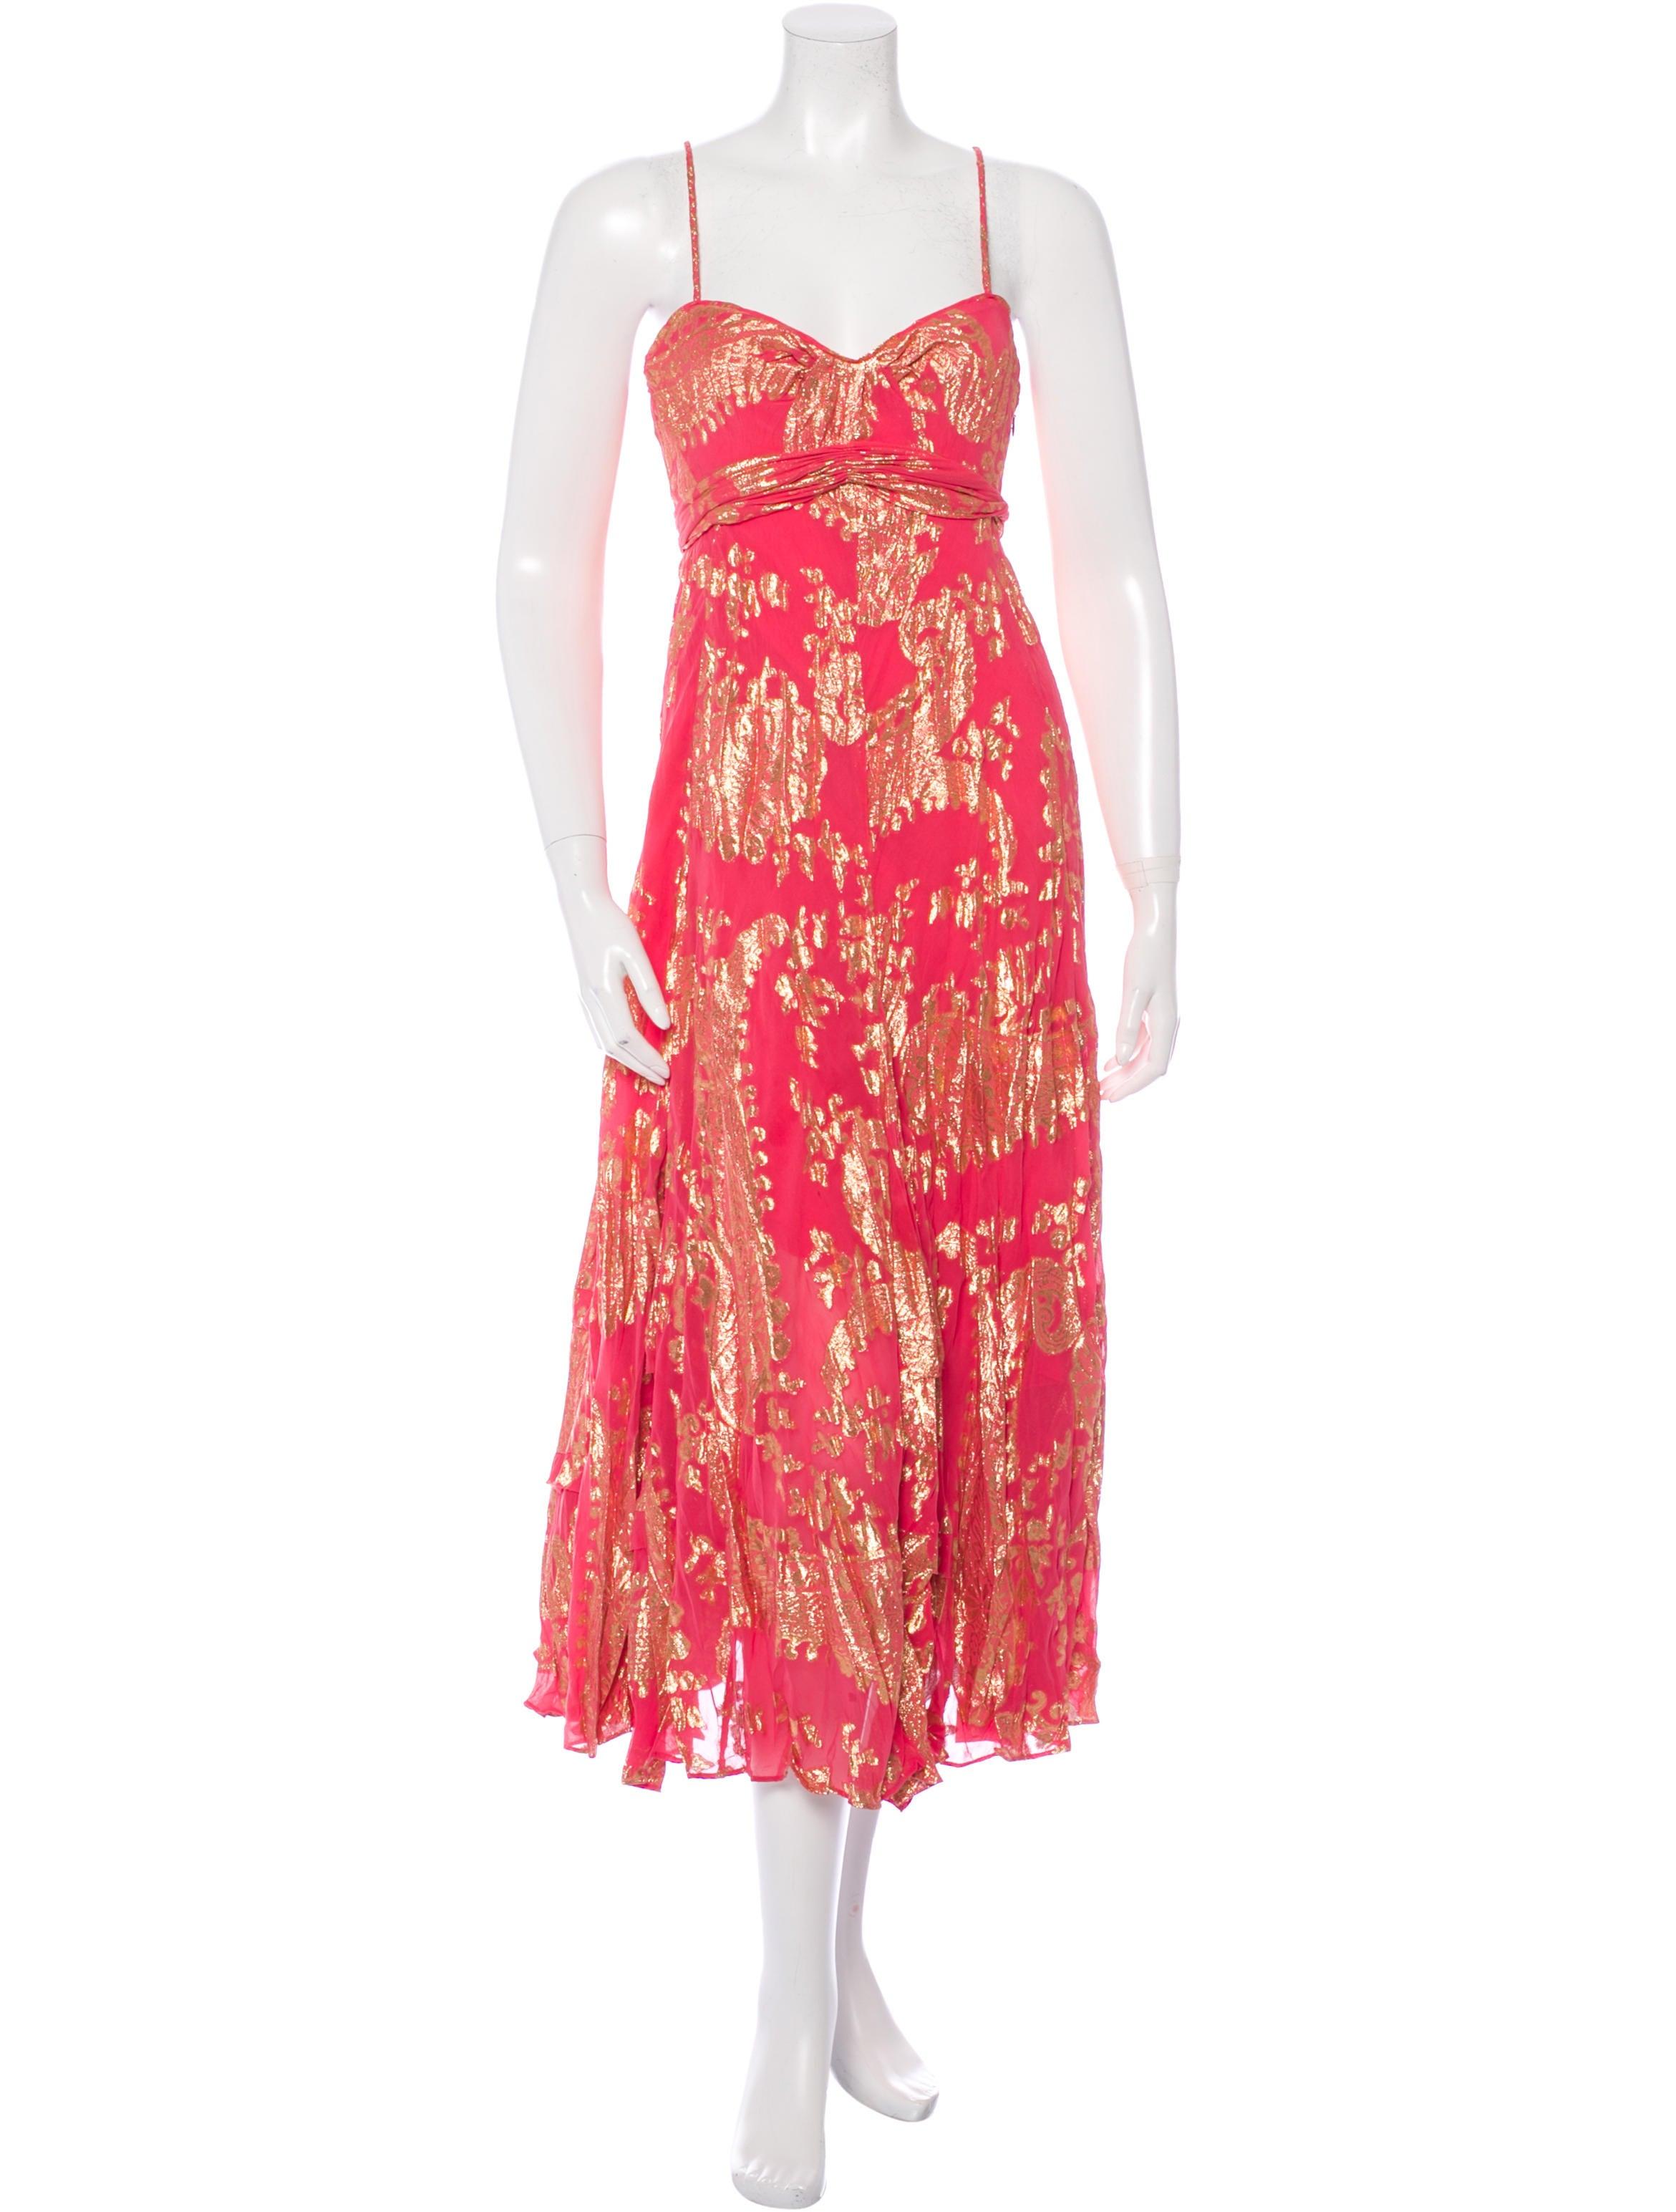 Diane von furstenberg silk brocade dress clothing for Diane von furstenberg clothing